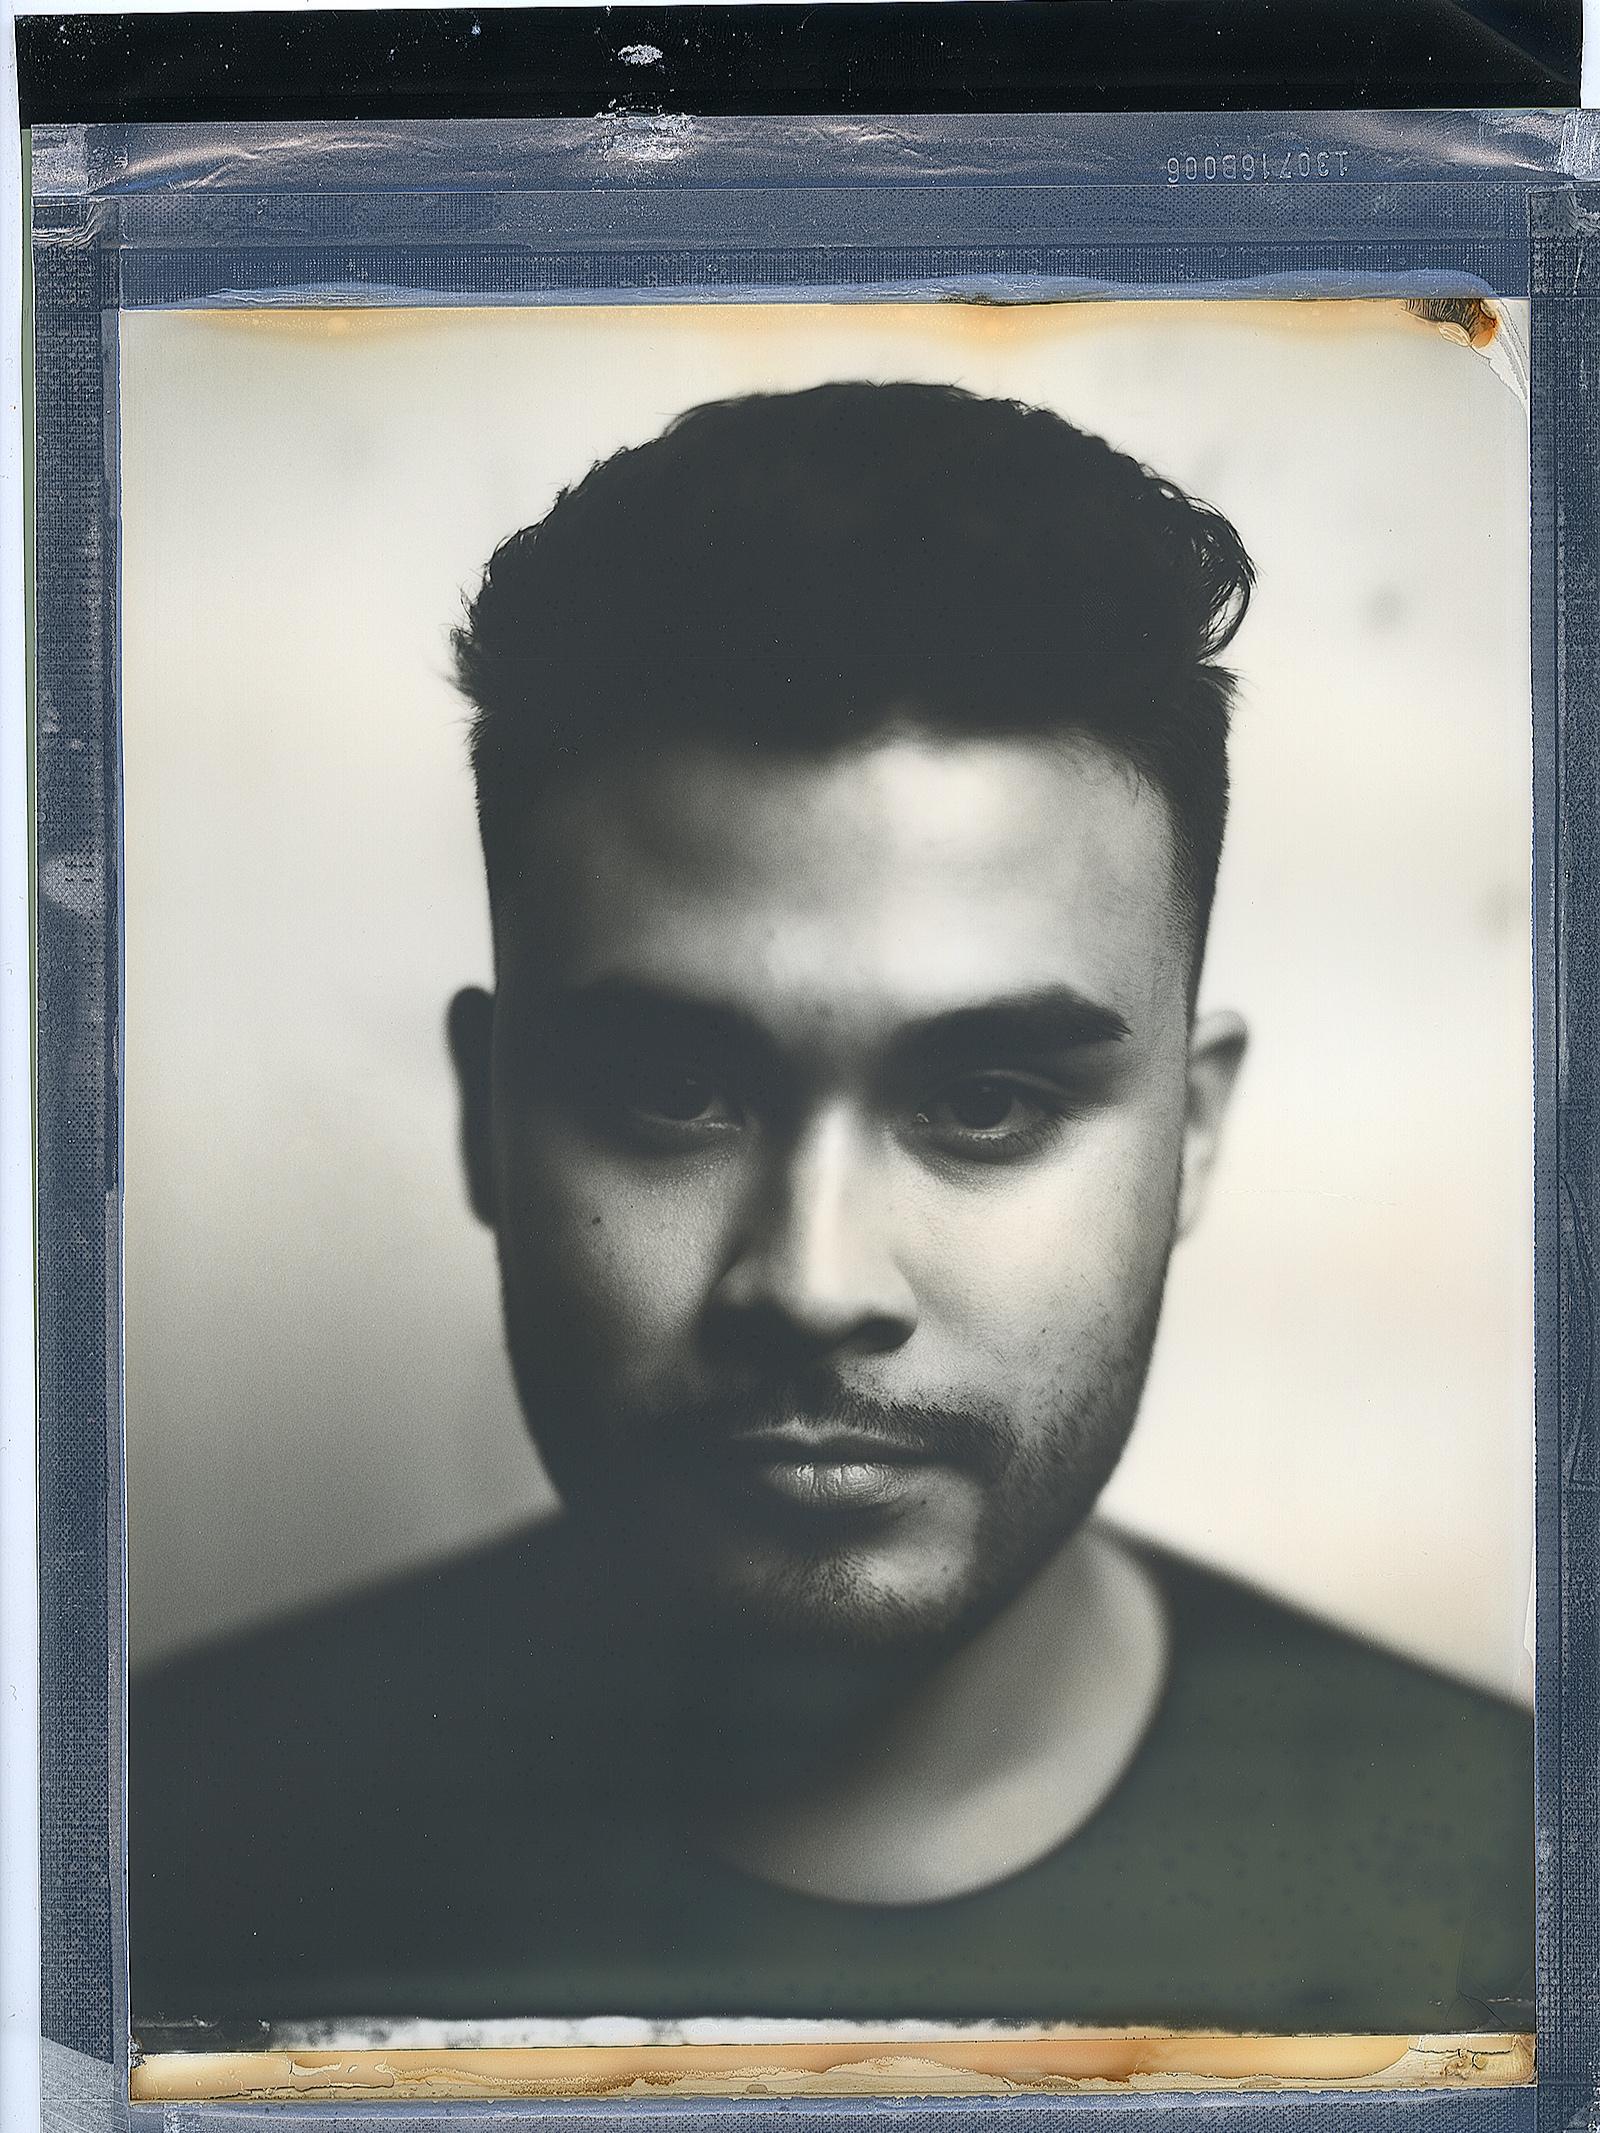 Big+Polaroid+Edit+1600-2200.jpg